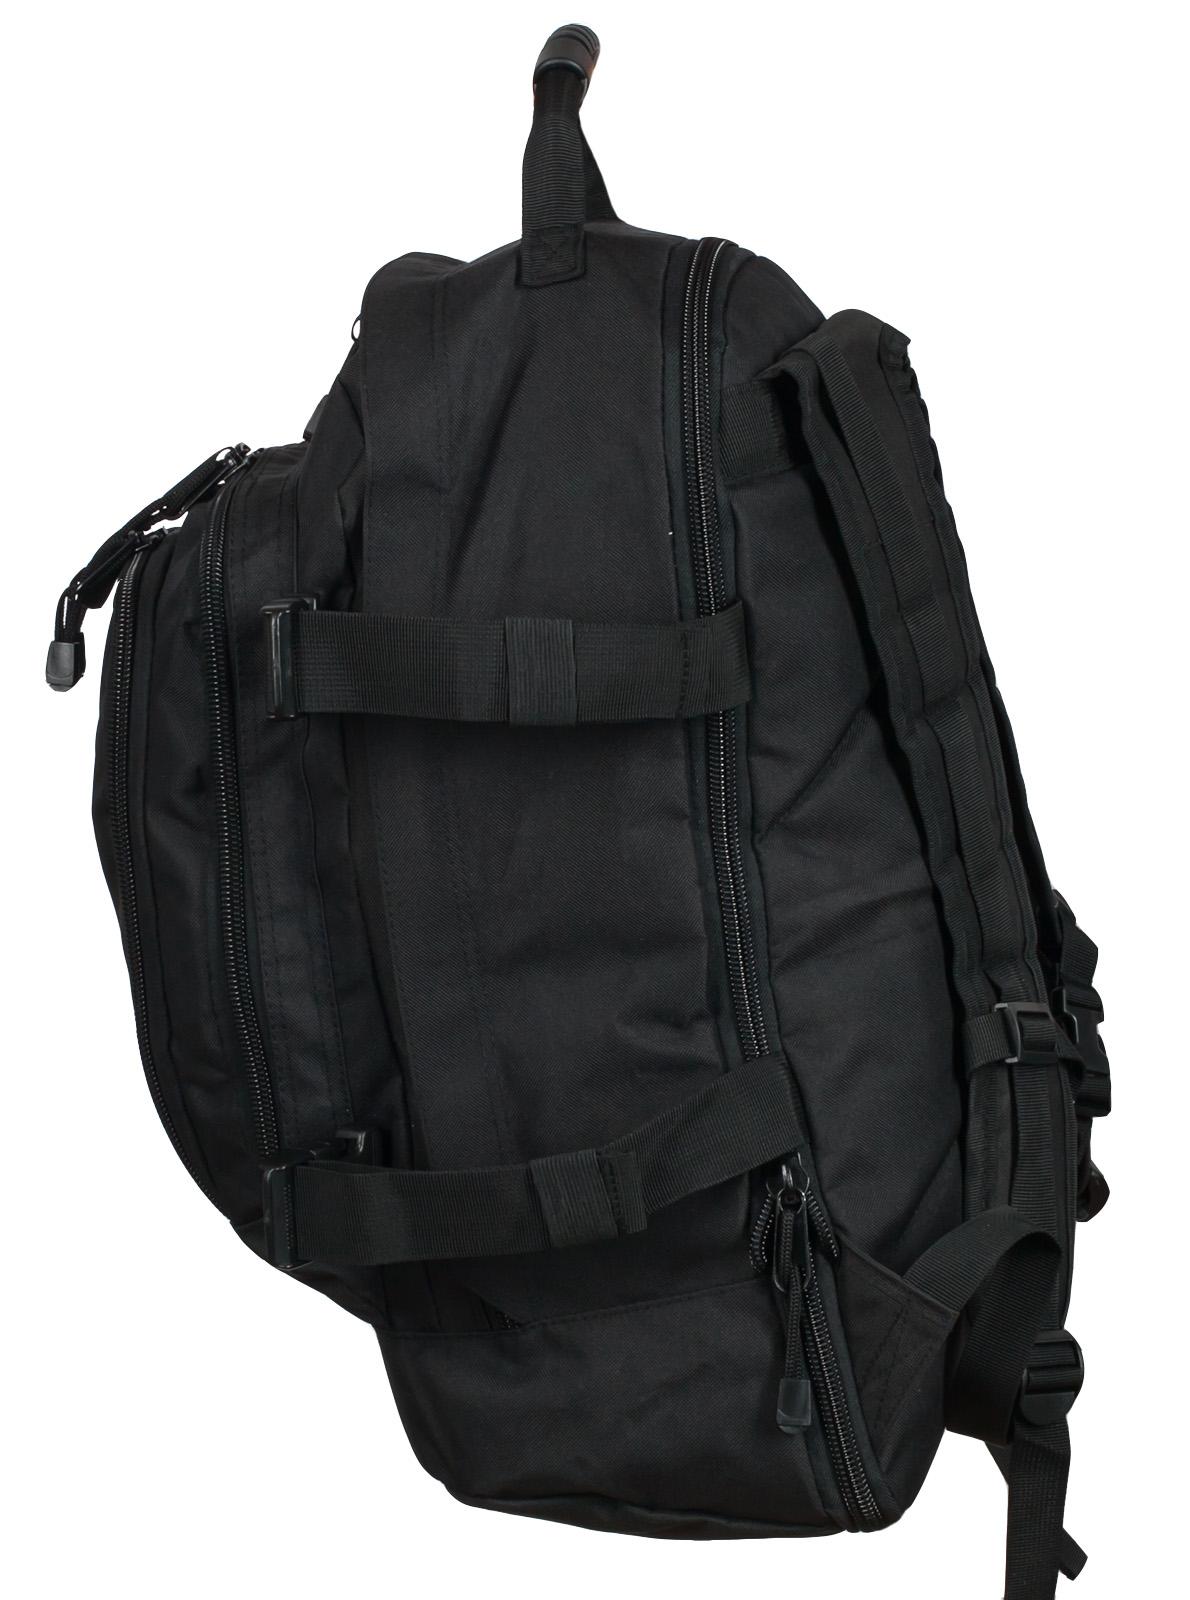 Заказать универсальный черный рюкзак с эмблемой Охотничьего спецназа